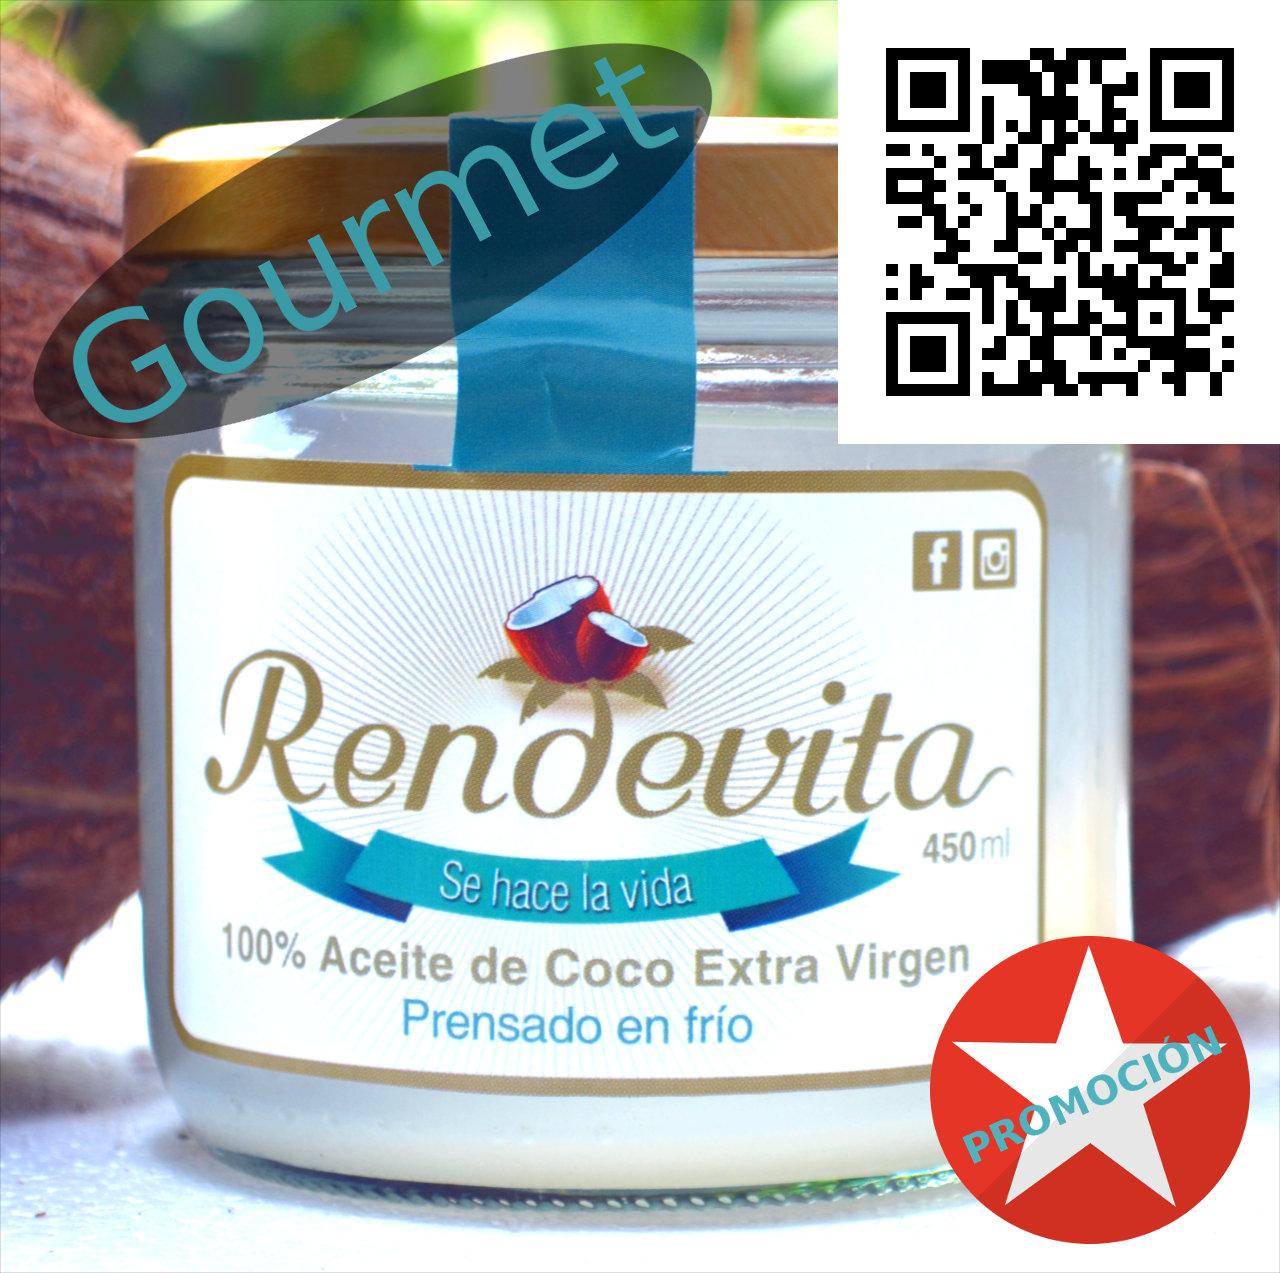 Promoción descuentos en Aceite Rendevita Gourmet